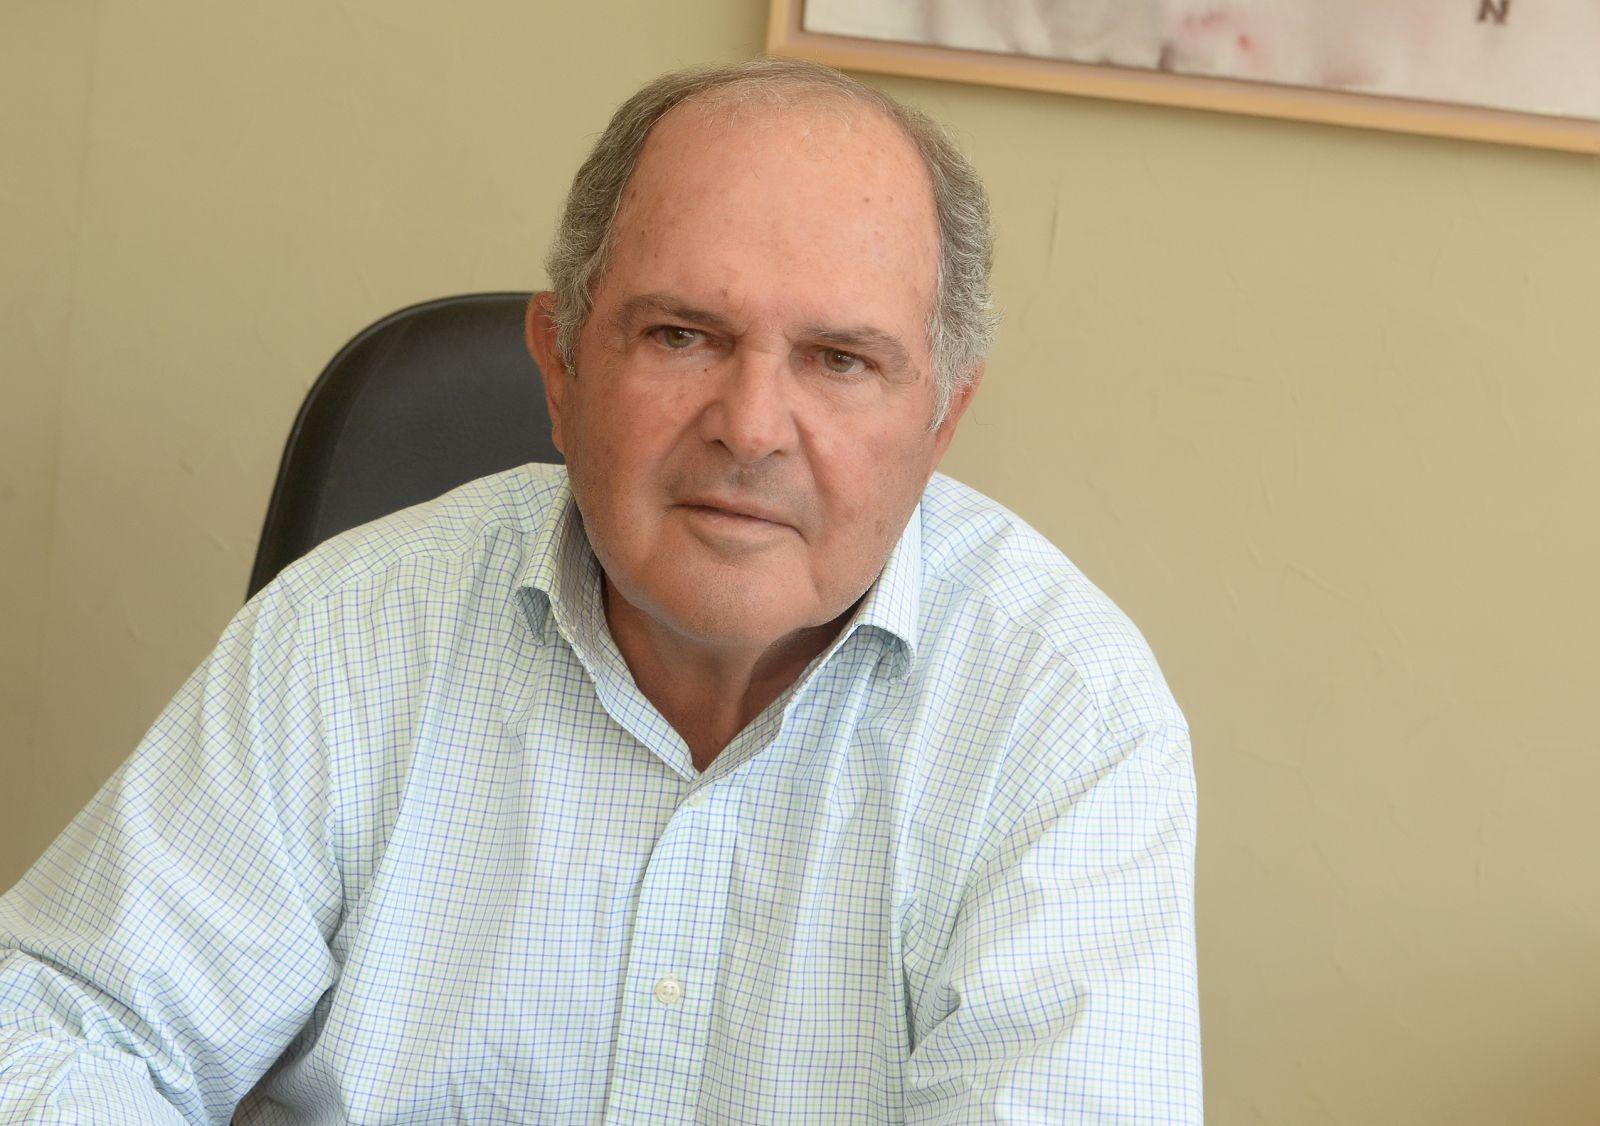 Sérgio Habib e Socorro Habib é o casal destaque desta sexta - feira 13 de outubro